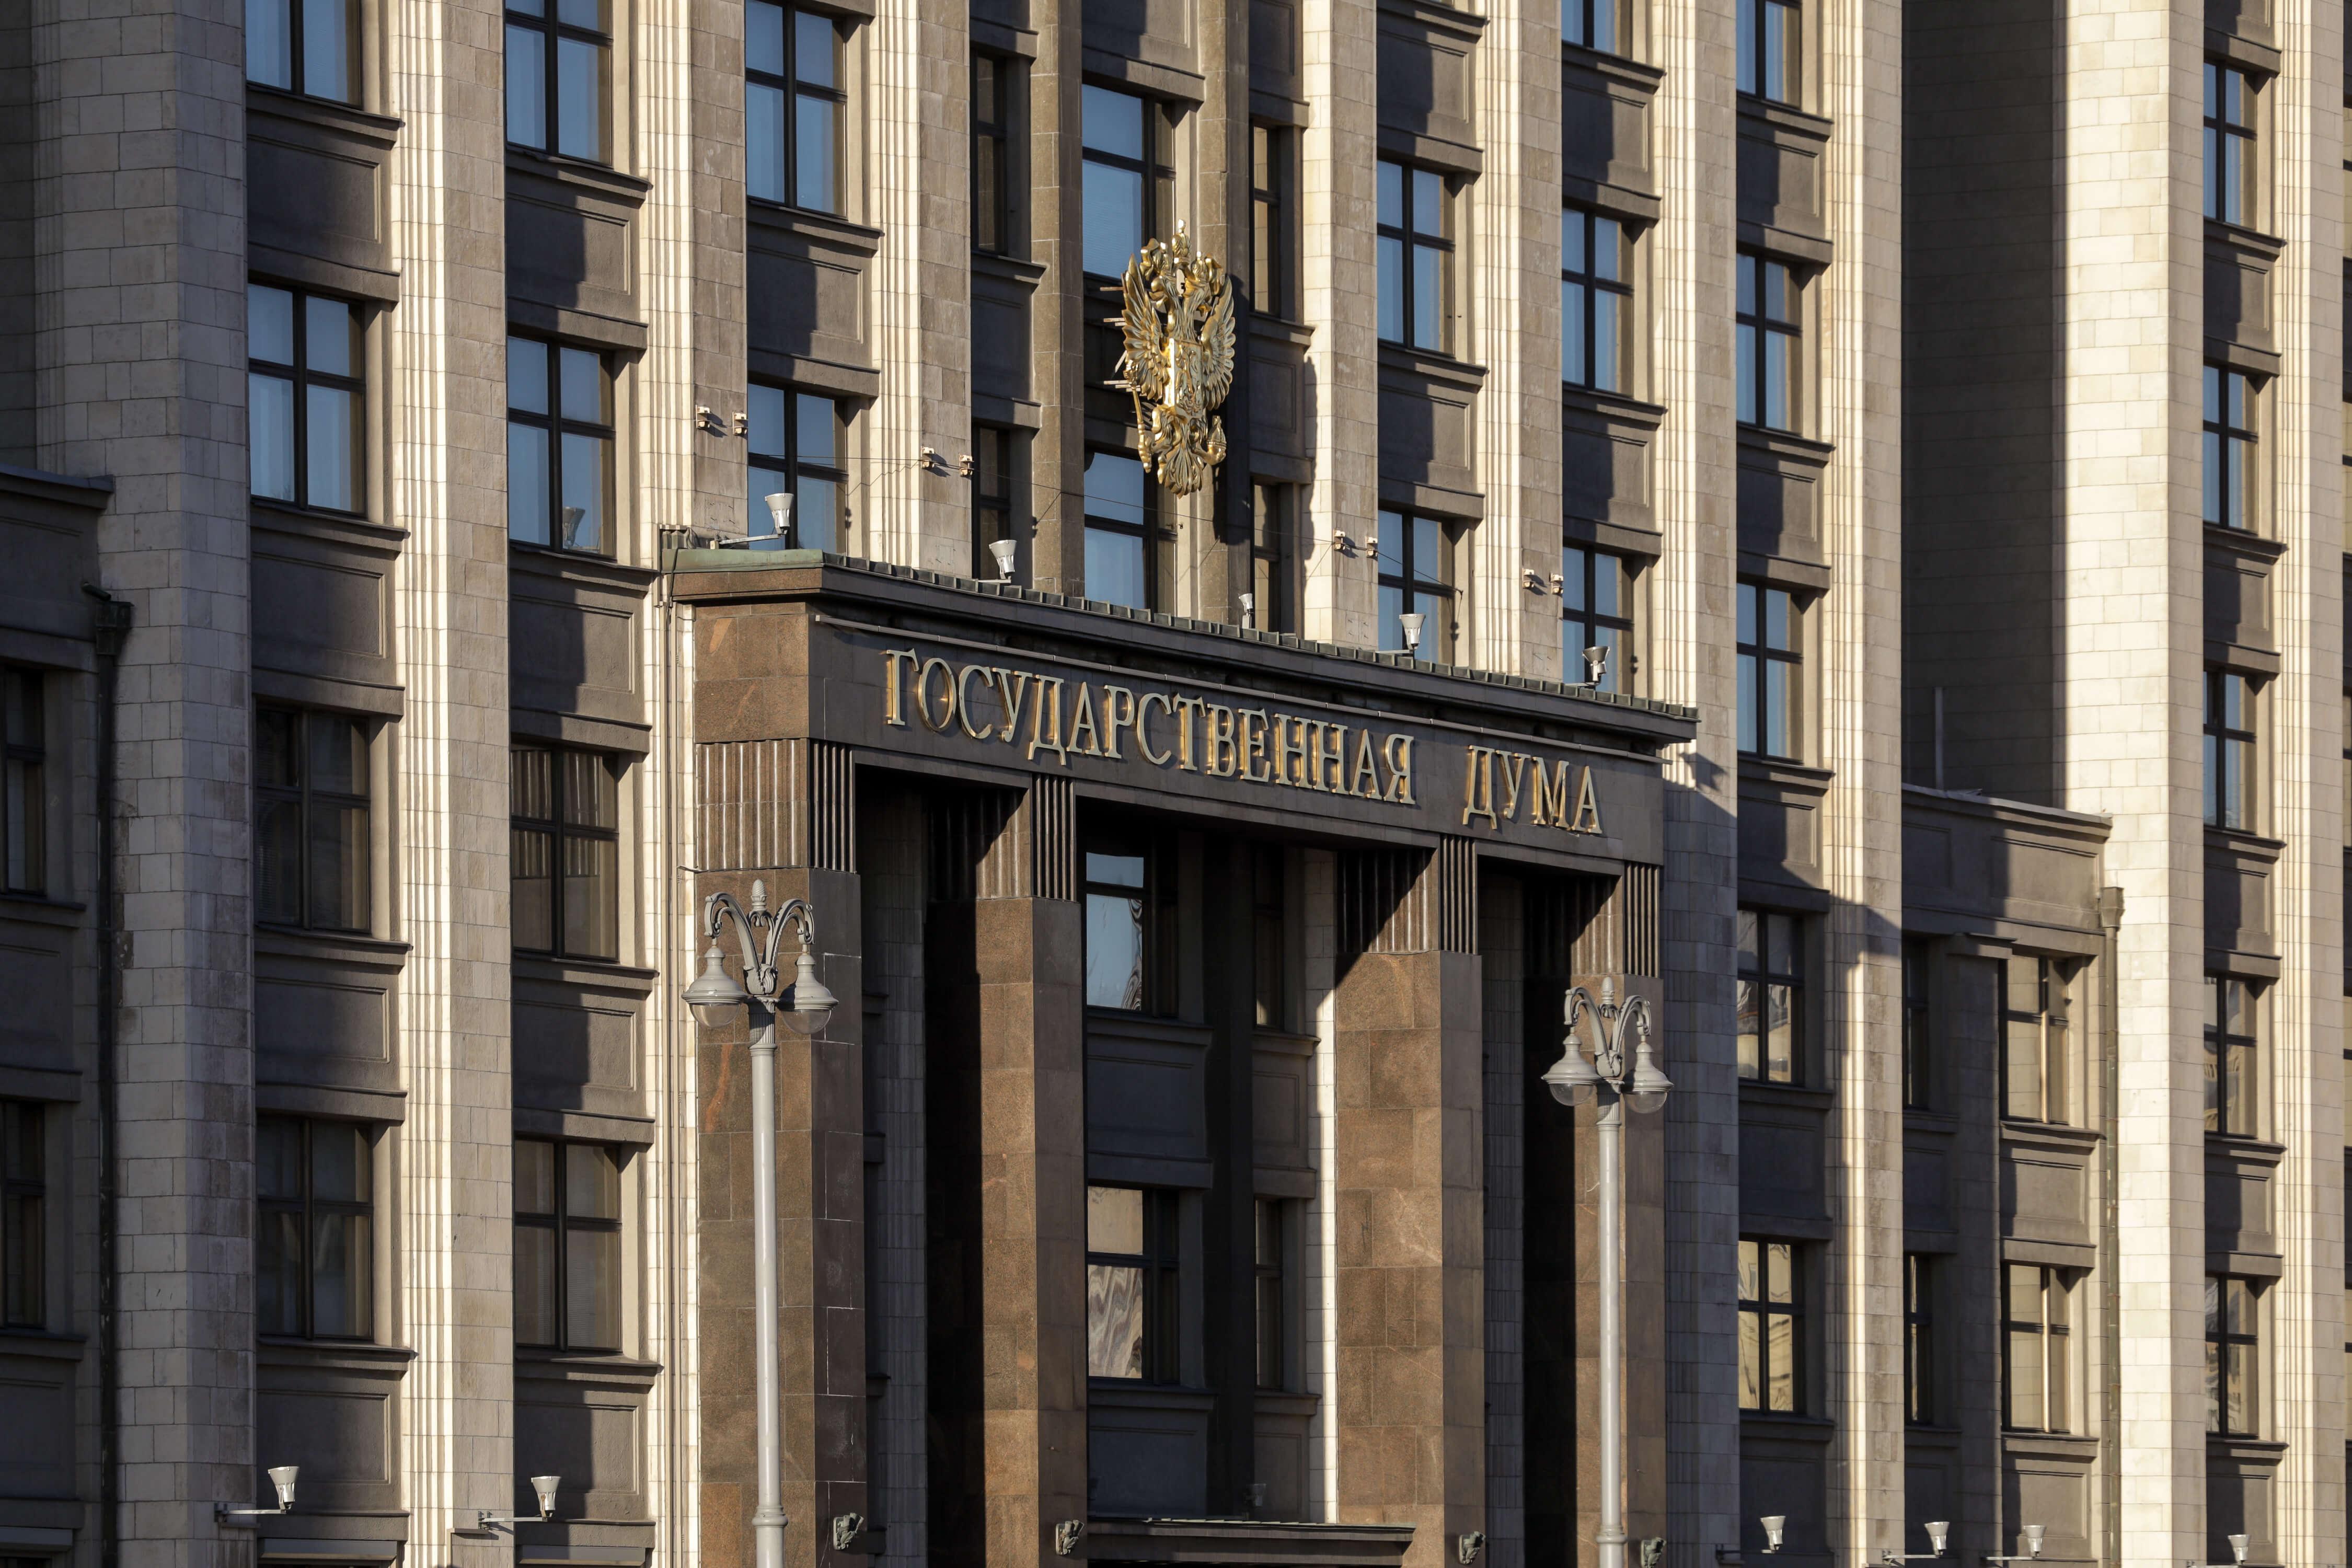 Законопроект о запрете коллекторских организаций в России внесли в Госдуму